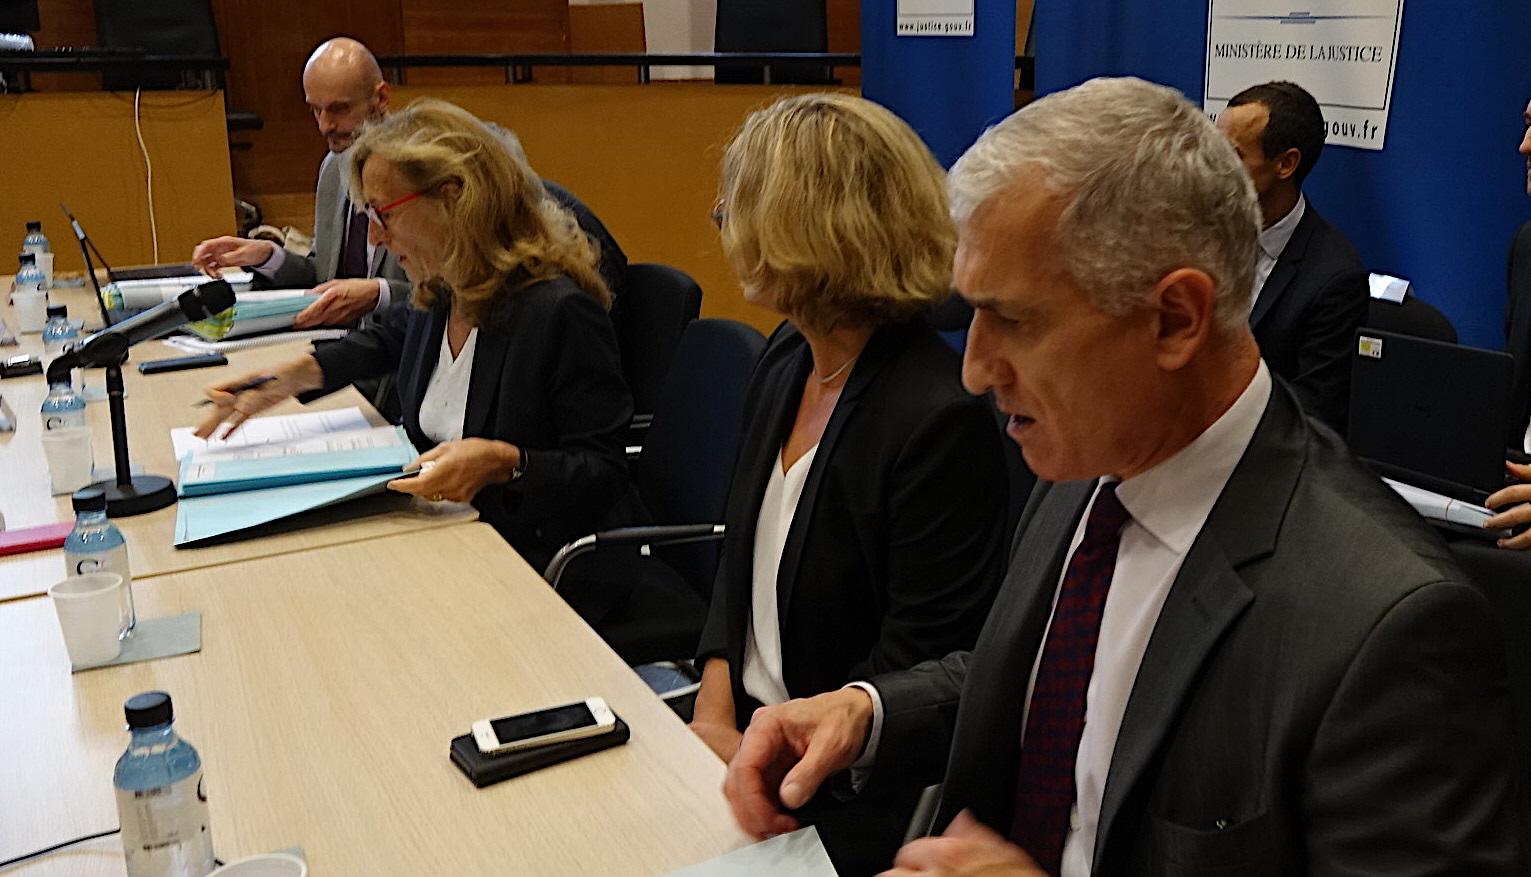 Bastia : Nicole Belloubet a présidé la réunion  de l'instance de coordination pour la Corse